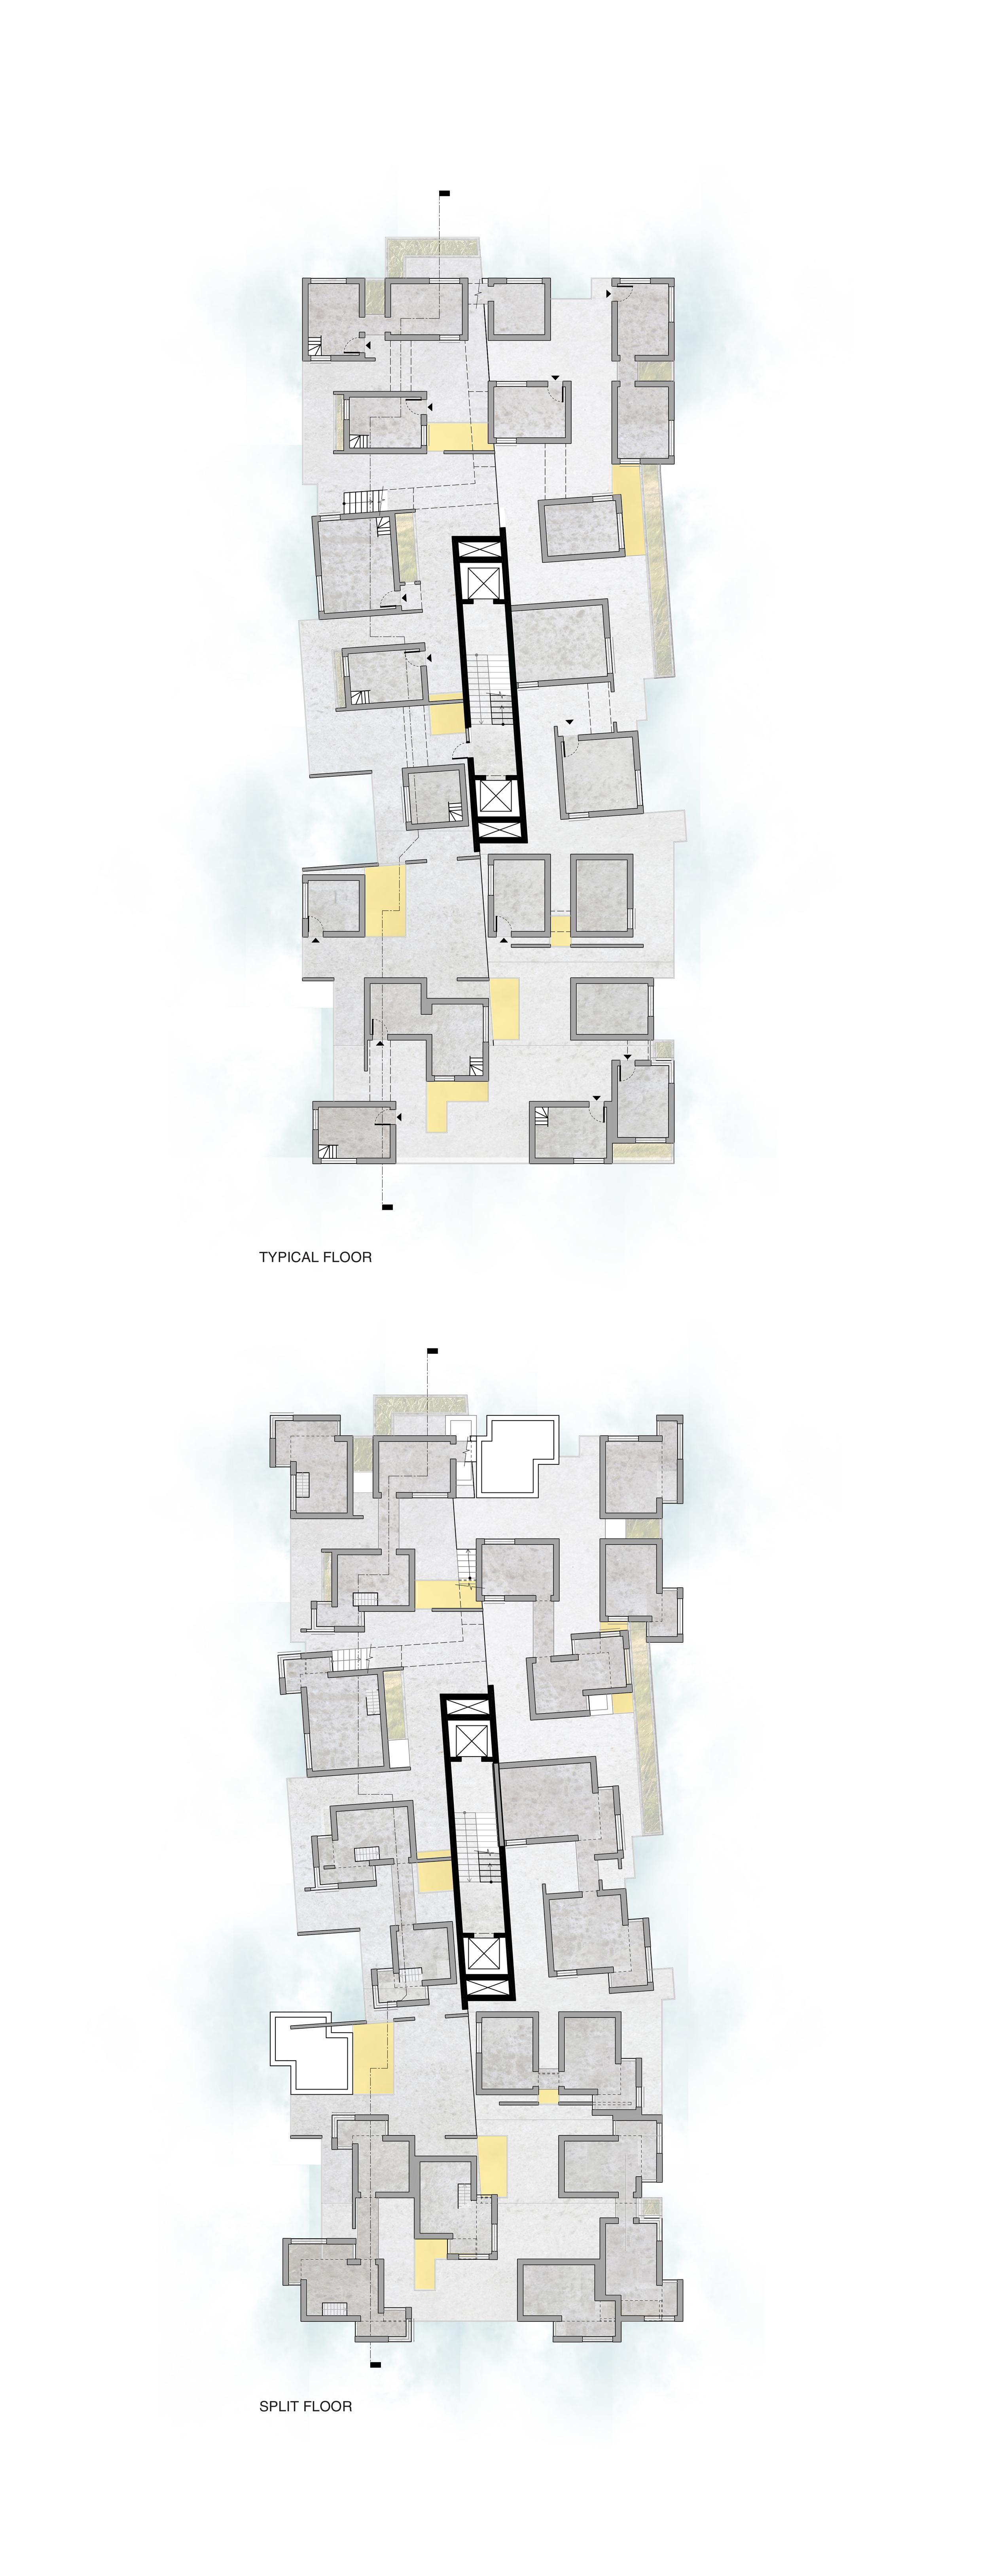 A46 512 07_Ruy_Taurasi_FL14_07_Glitched Floor Plans_1.jpg